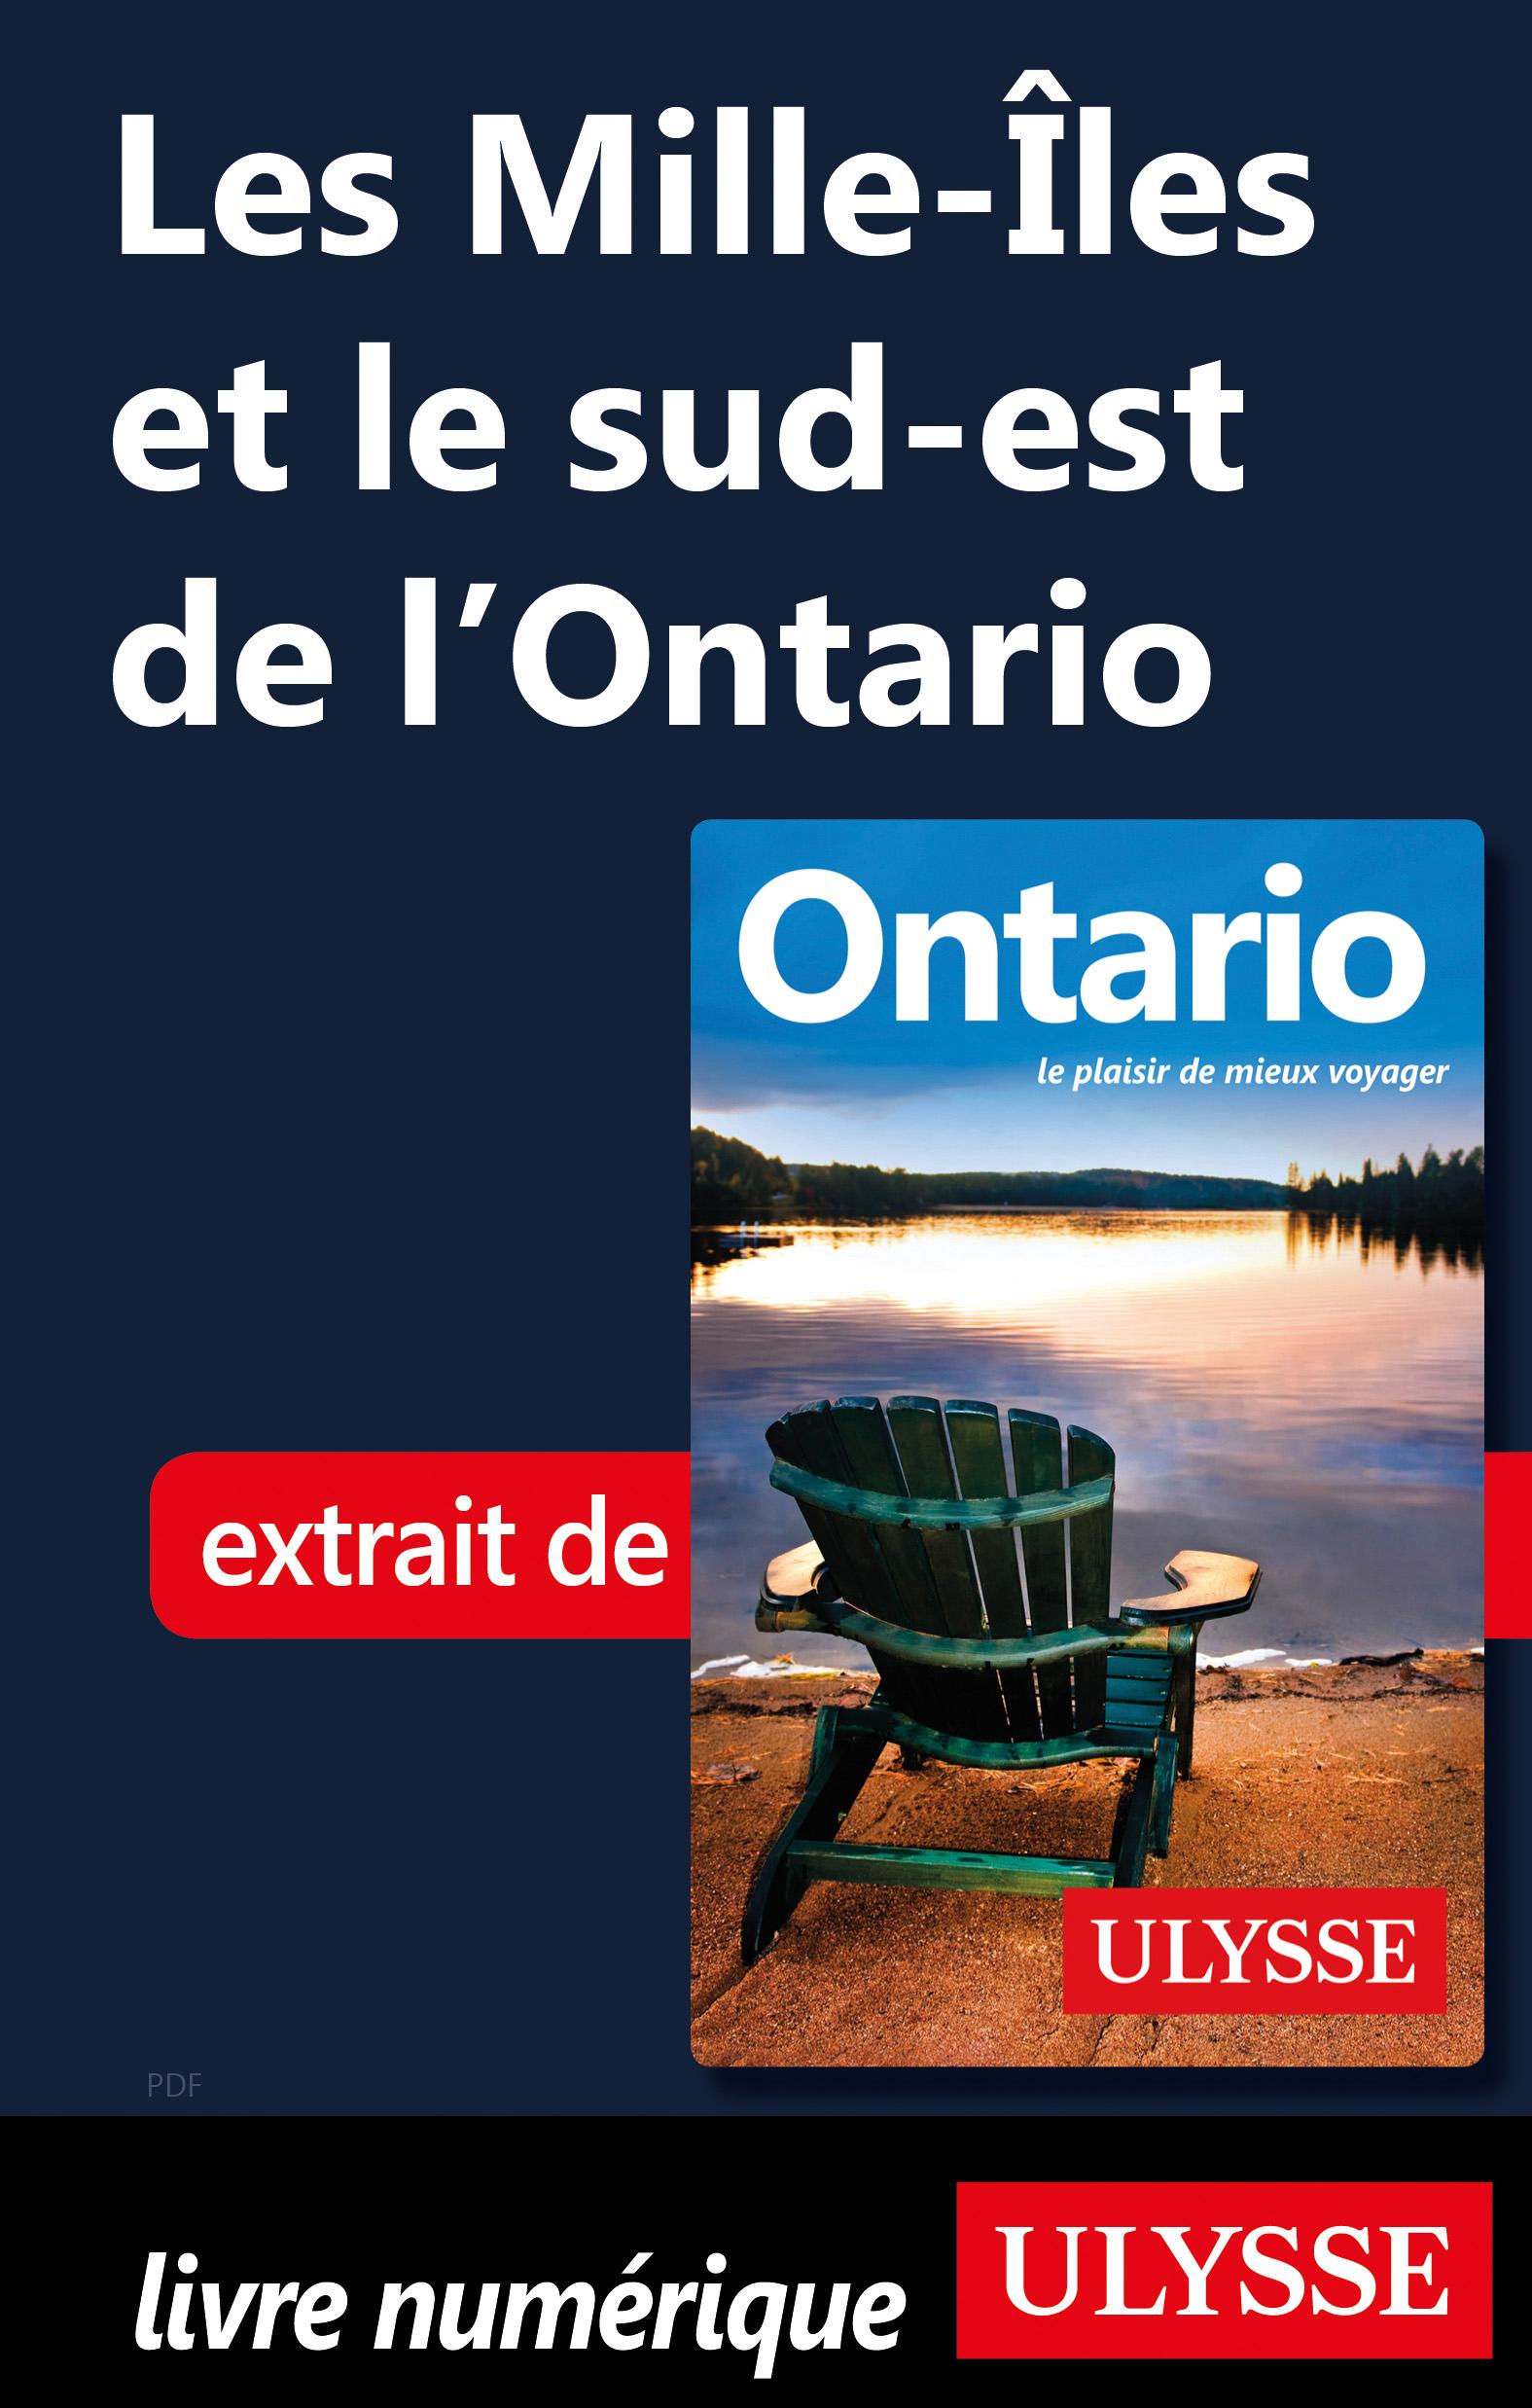 Les Mille-Îles et le sud-est de l'Ontario